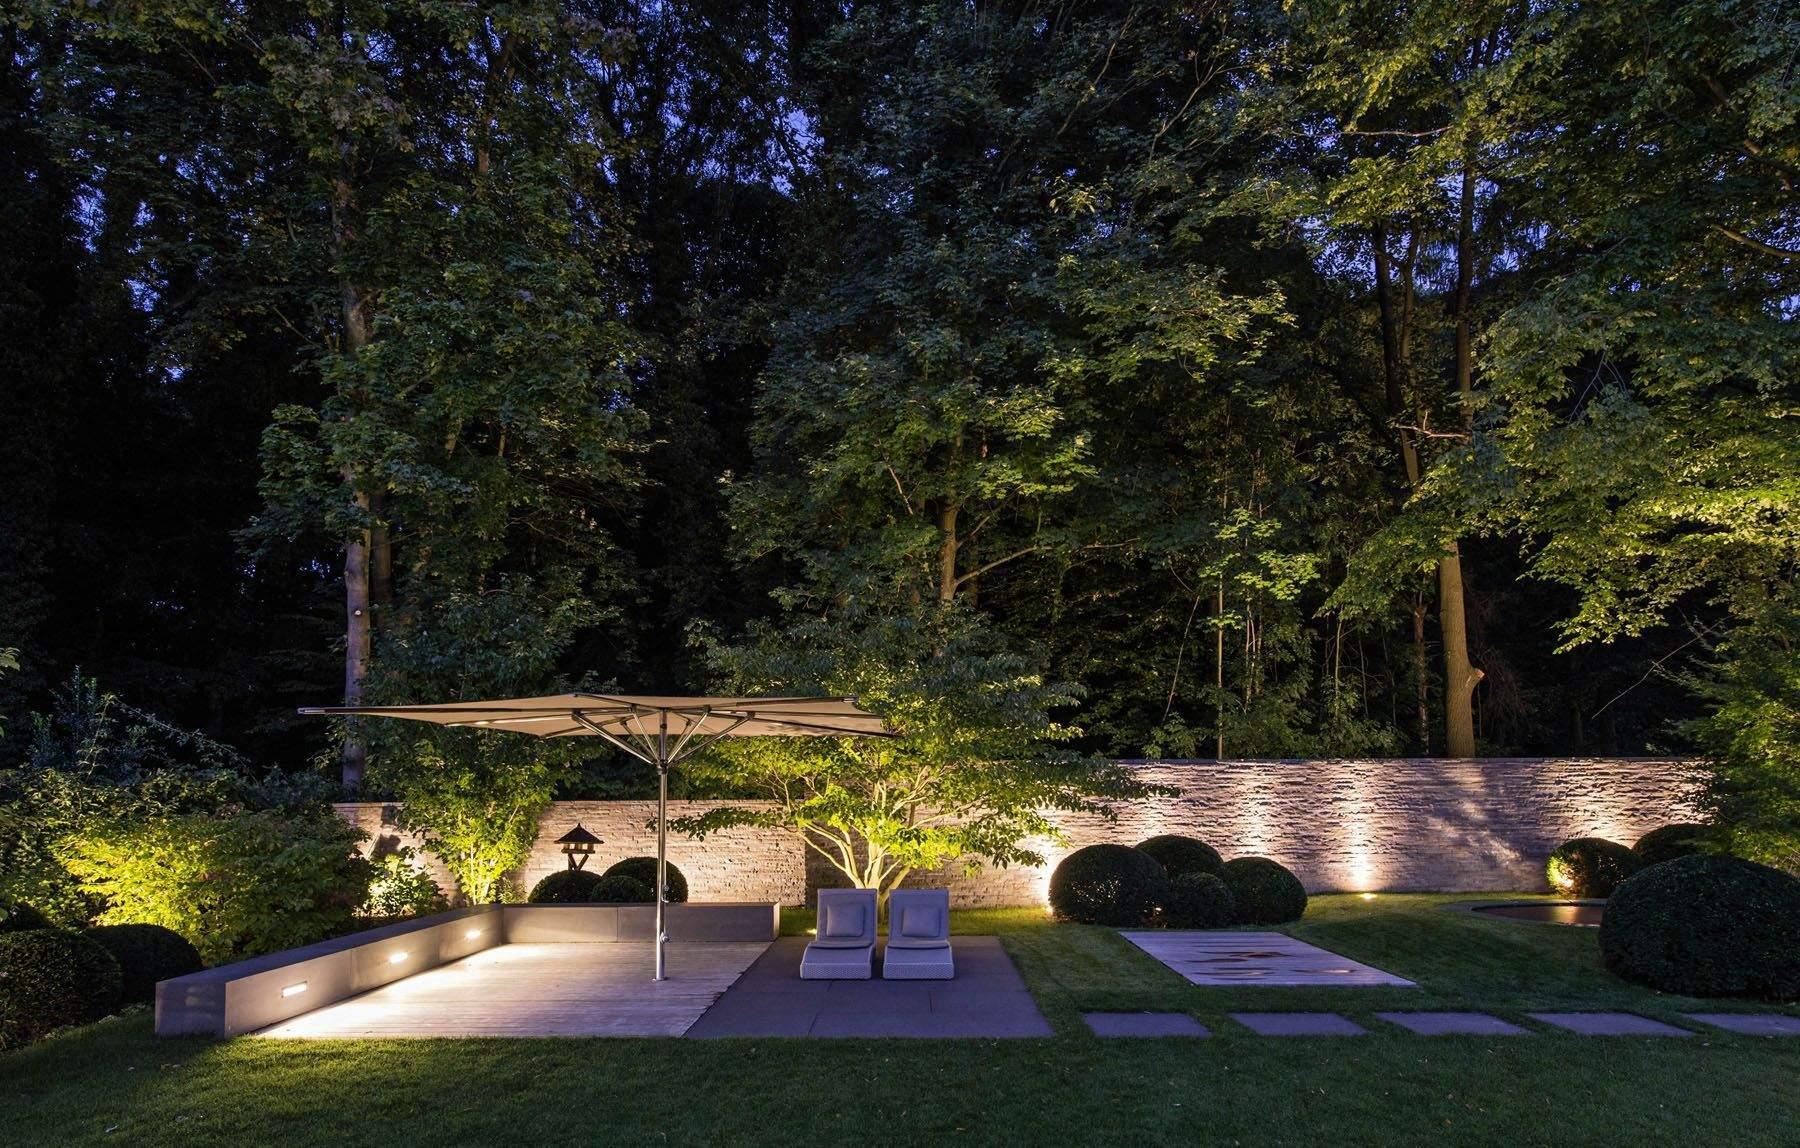 Garten Beleuchtung Schön 29 Das Beste Von Licht Garten Schön